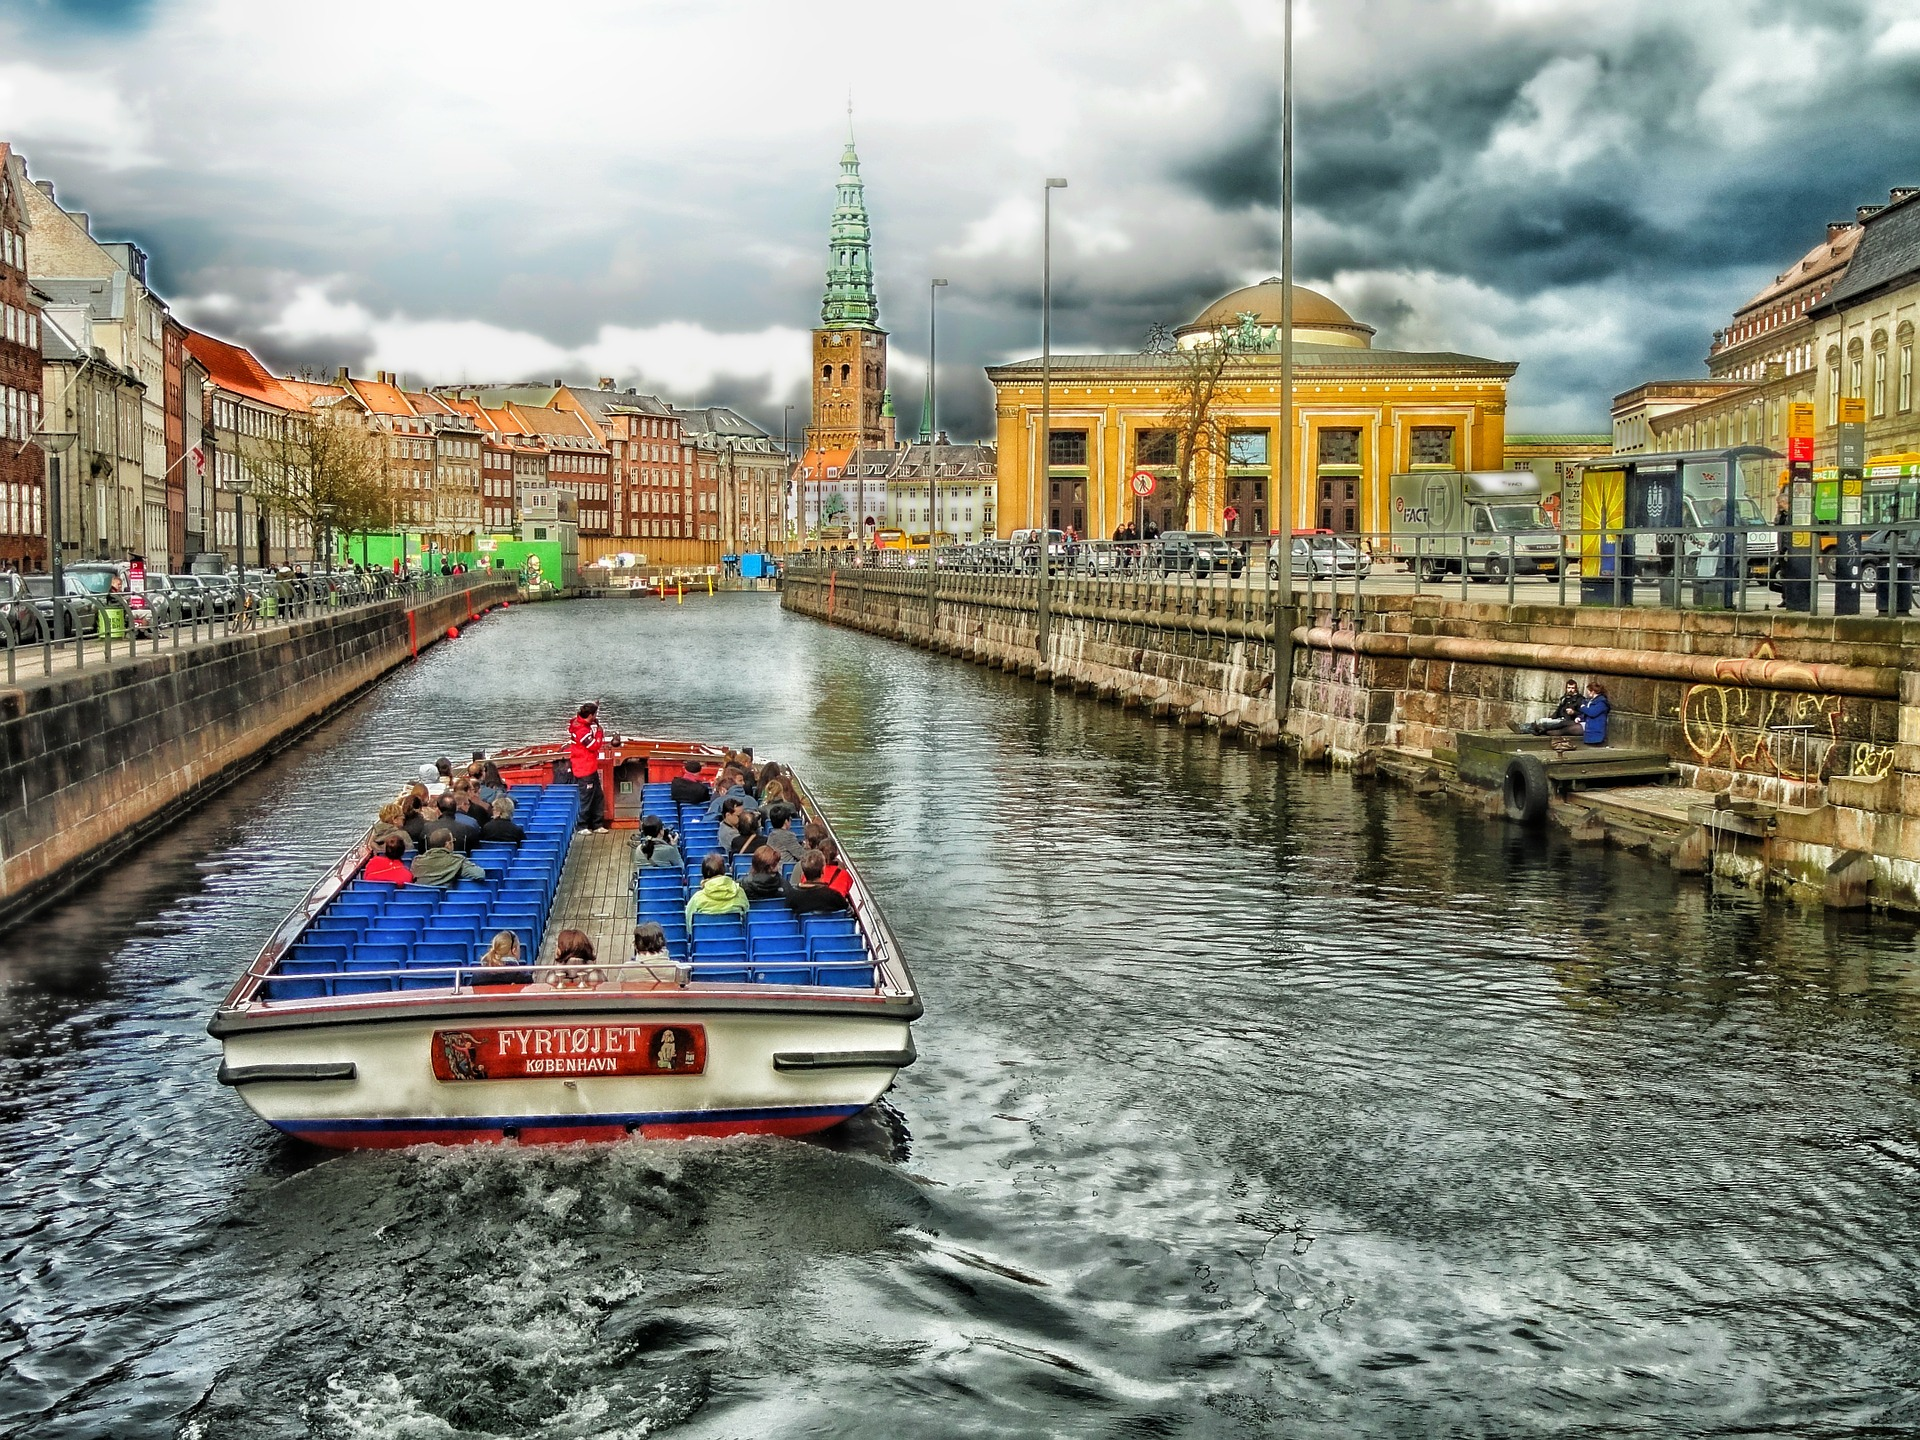 Fiume di Copenaghen